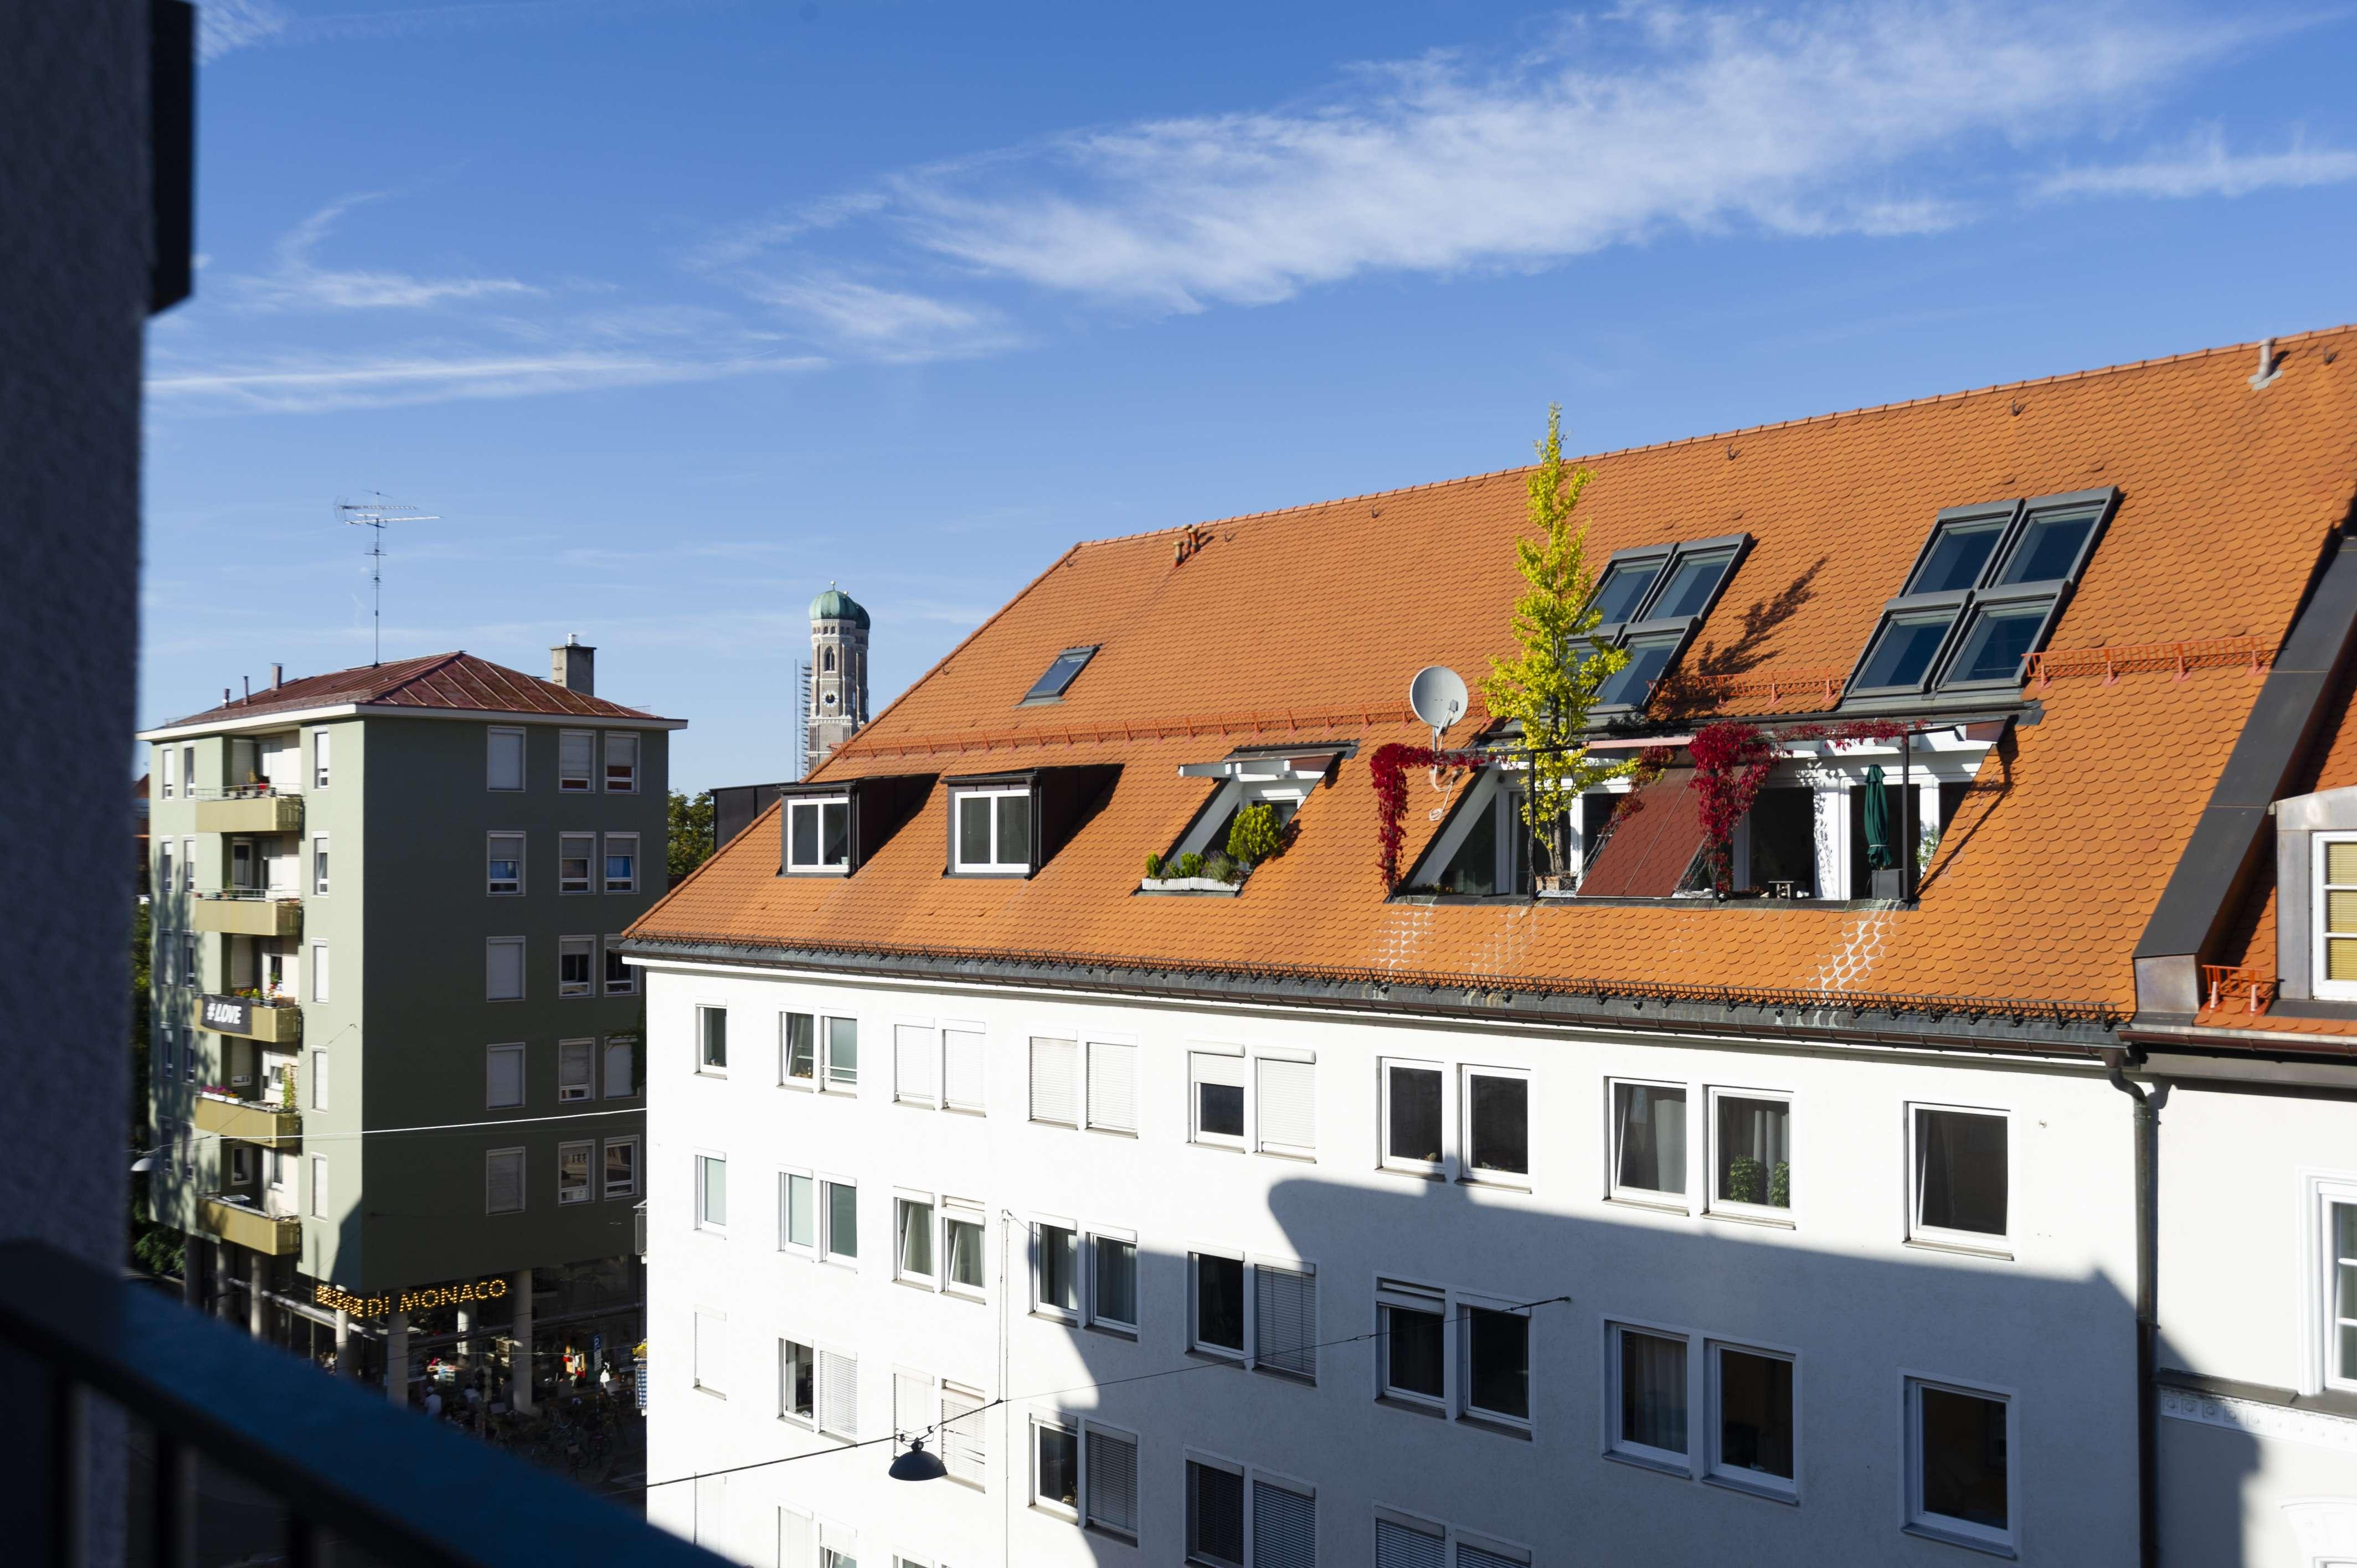 """FASZINATION GÄRTNERPLATZ - DACHGESCHOSS-FEELING. MODERN LIVING im """"COR 4"""". Erstbezug. in Ludwigsvorstadt-Isarvorstadt (München)"""